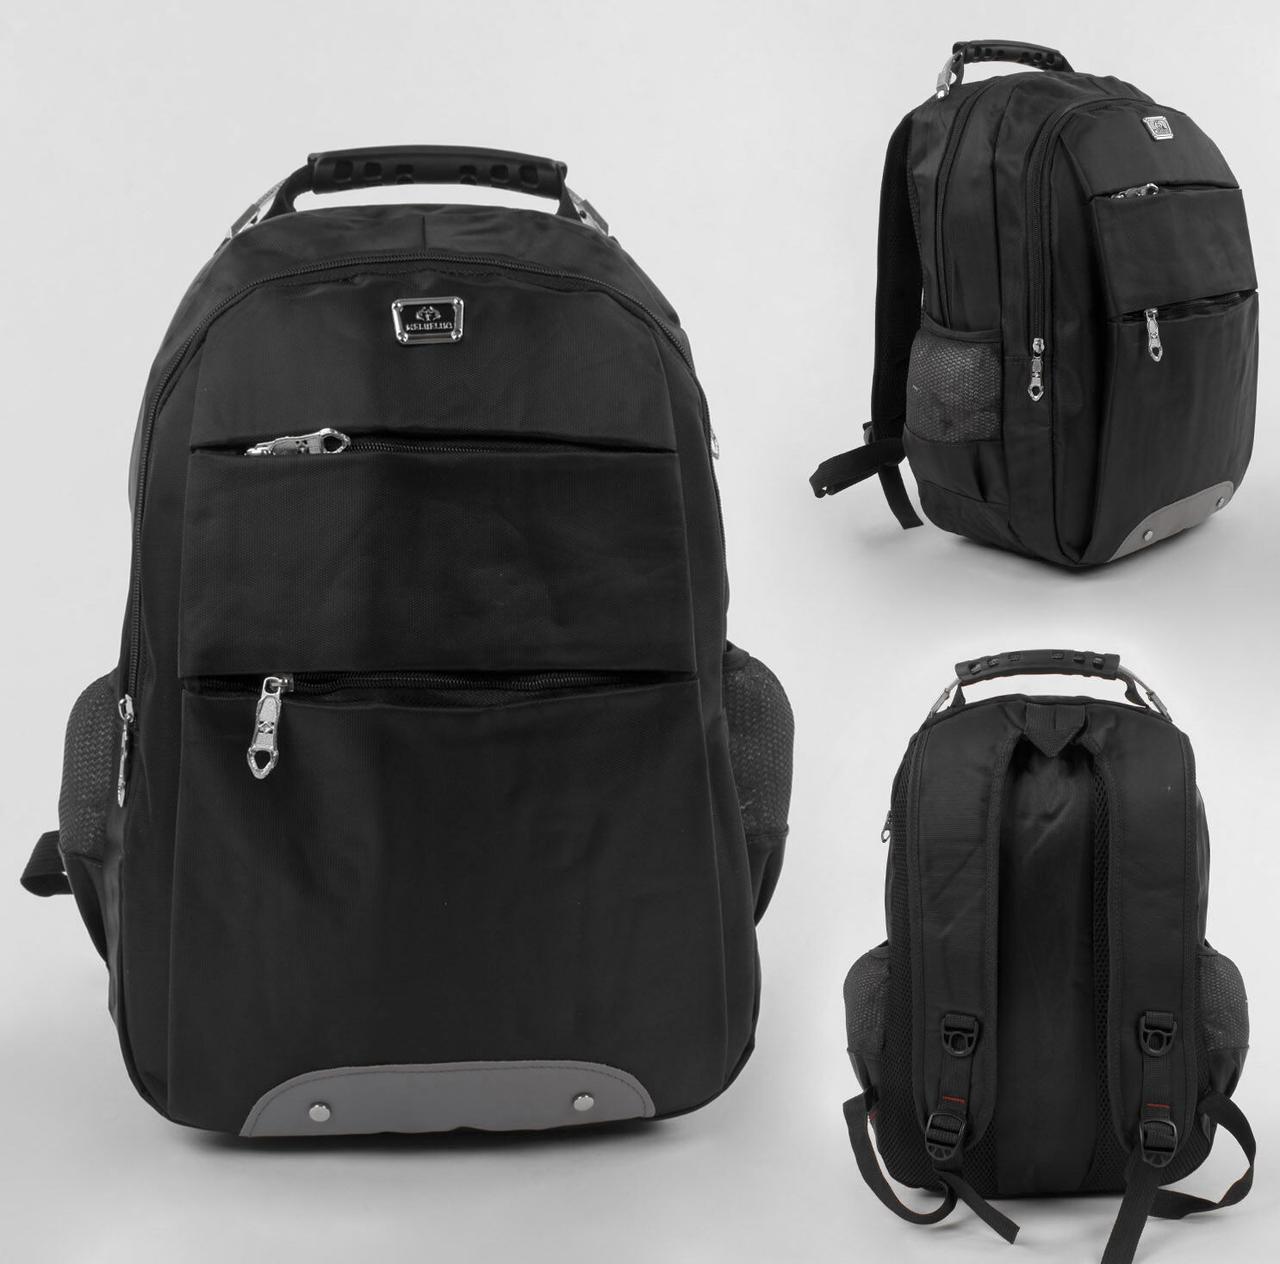 Рюкзак детский школьный С 43616 с 3 карманами, мягкой спинкой